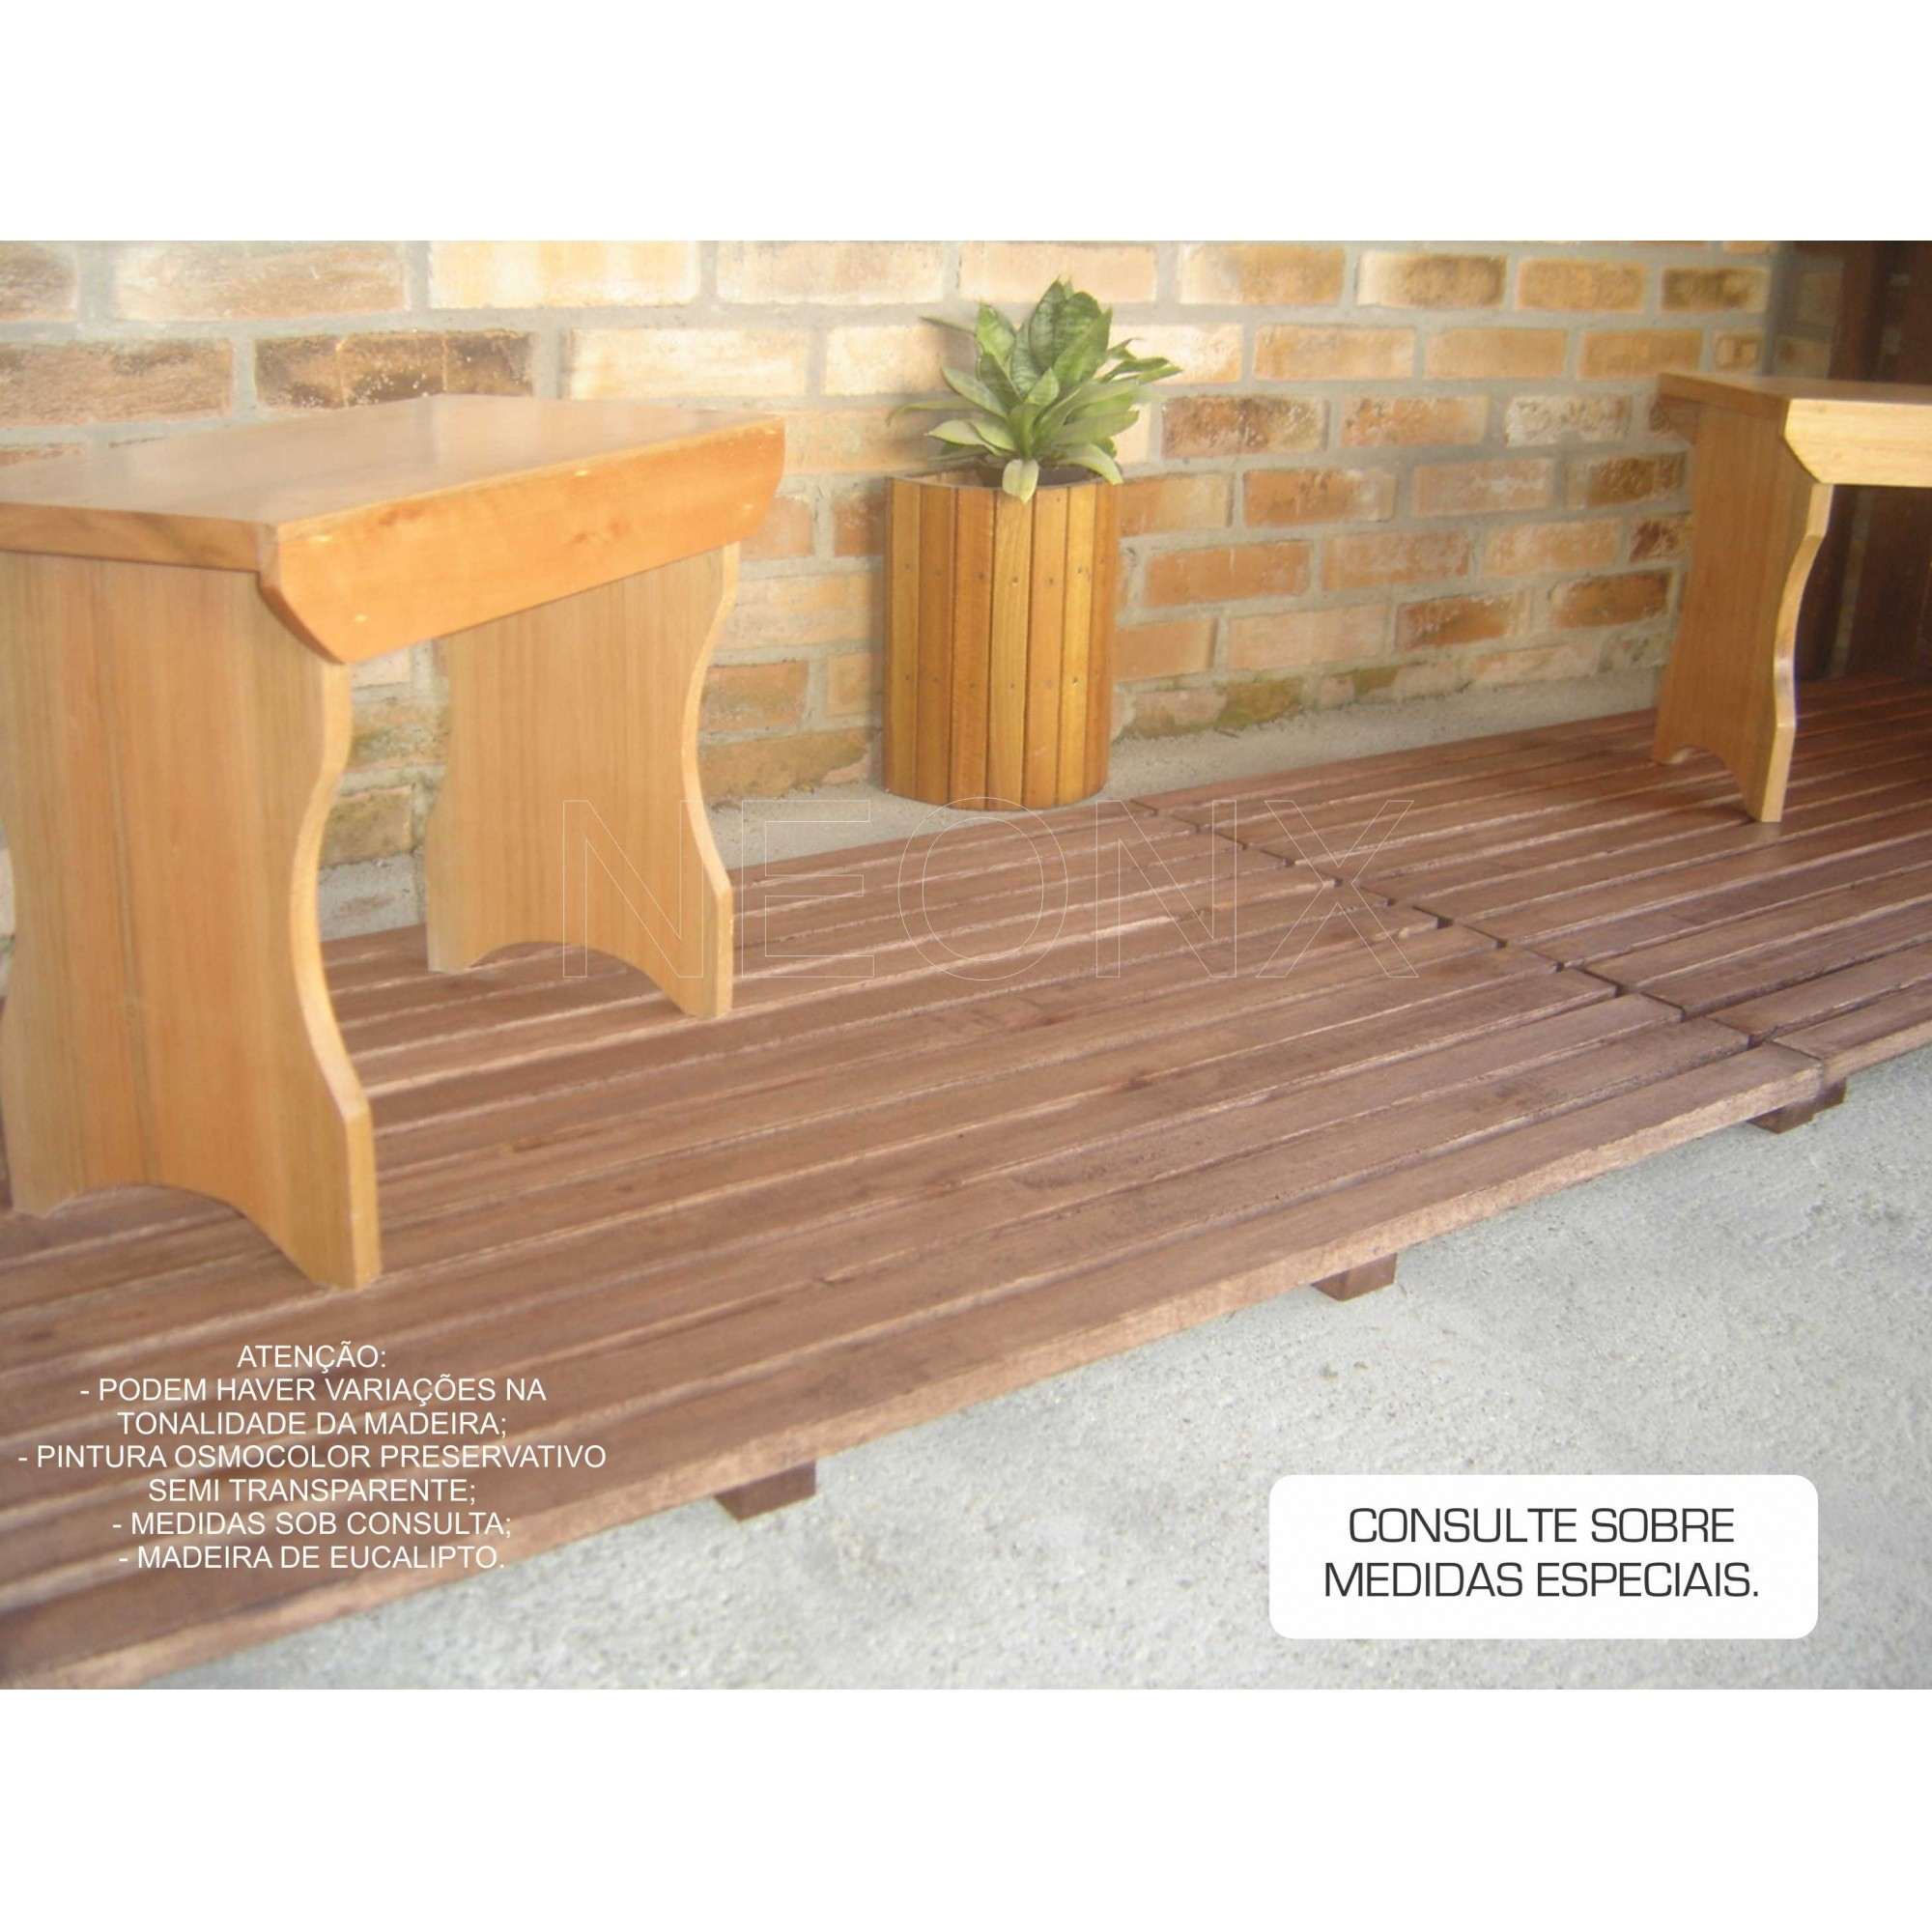 Deck De Madeira Modular 68x50cm Com Pintura Neonx